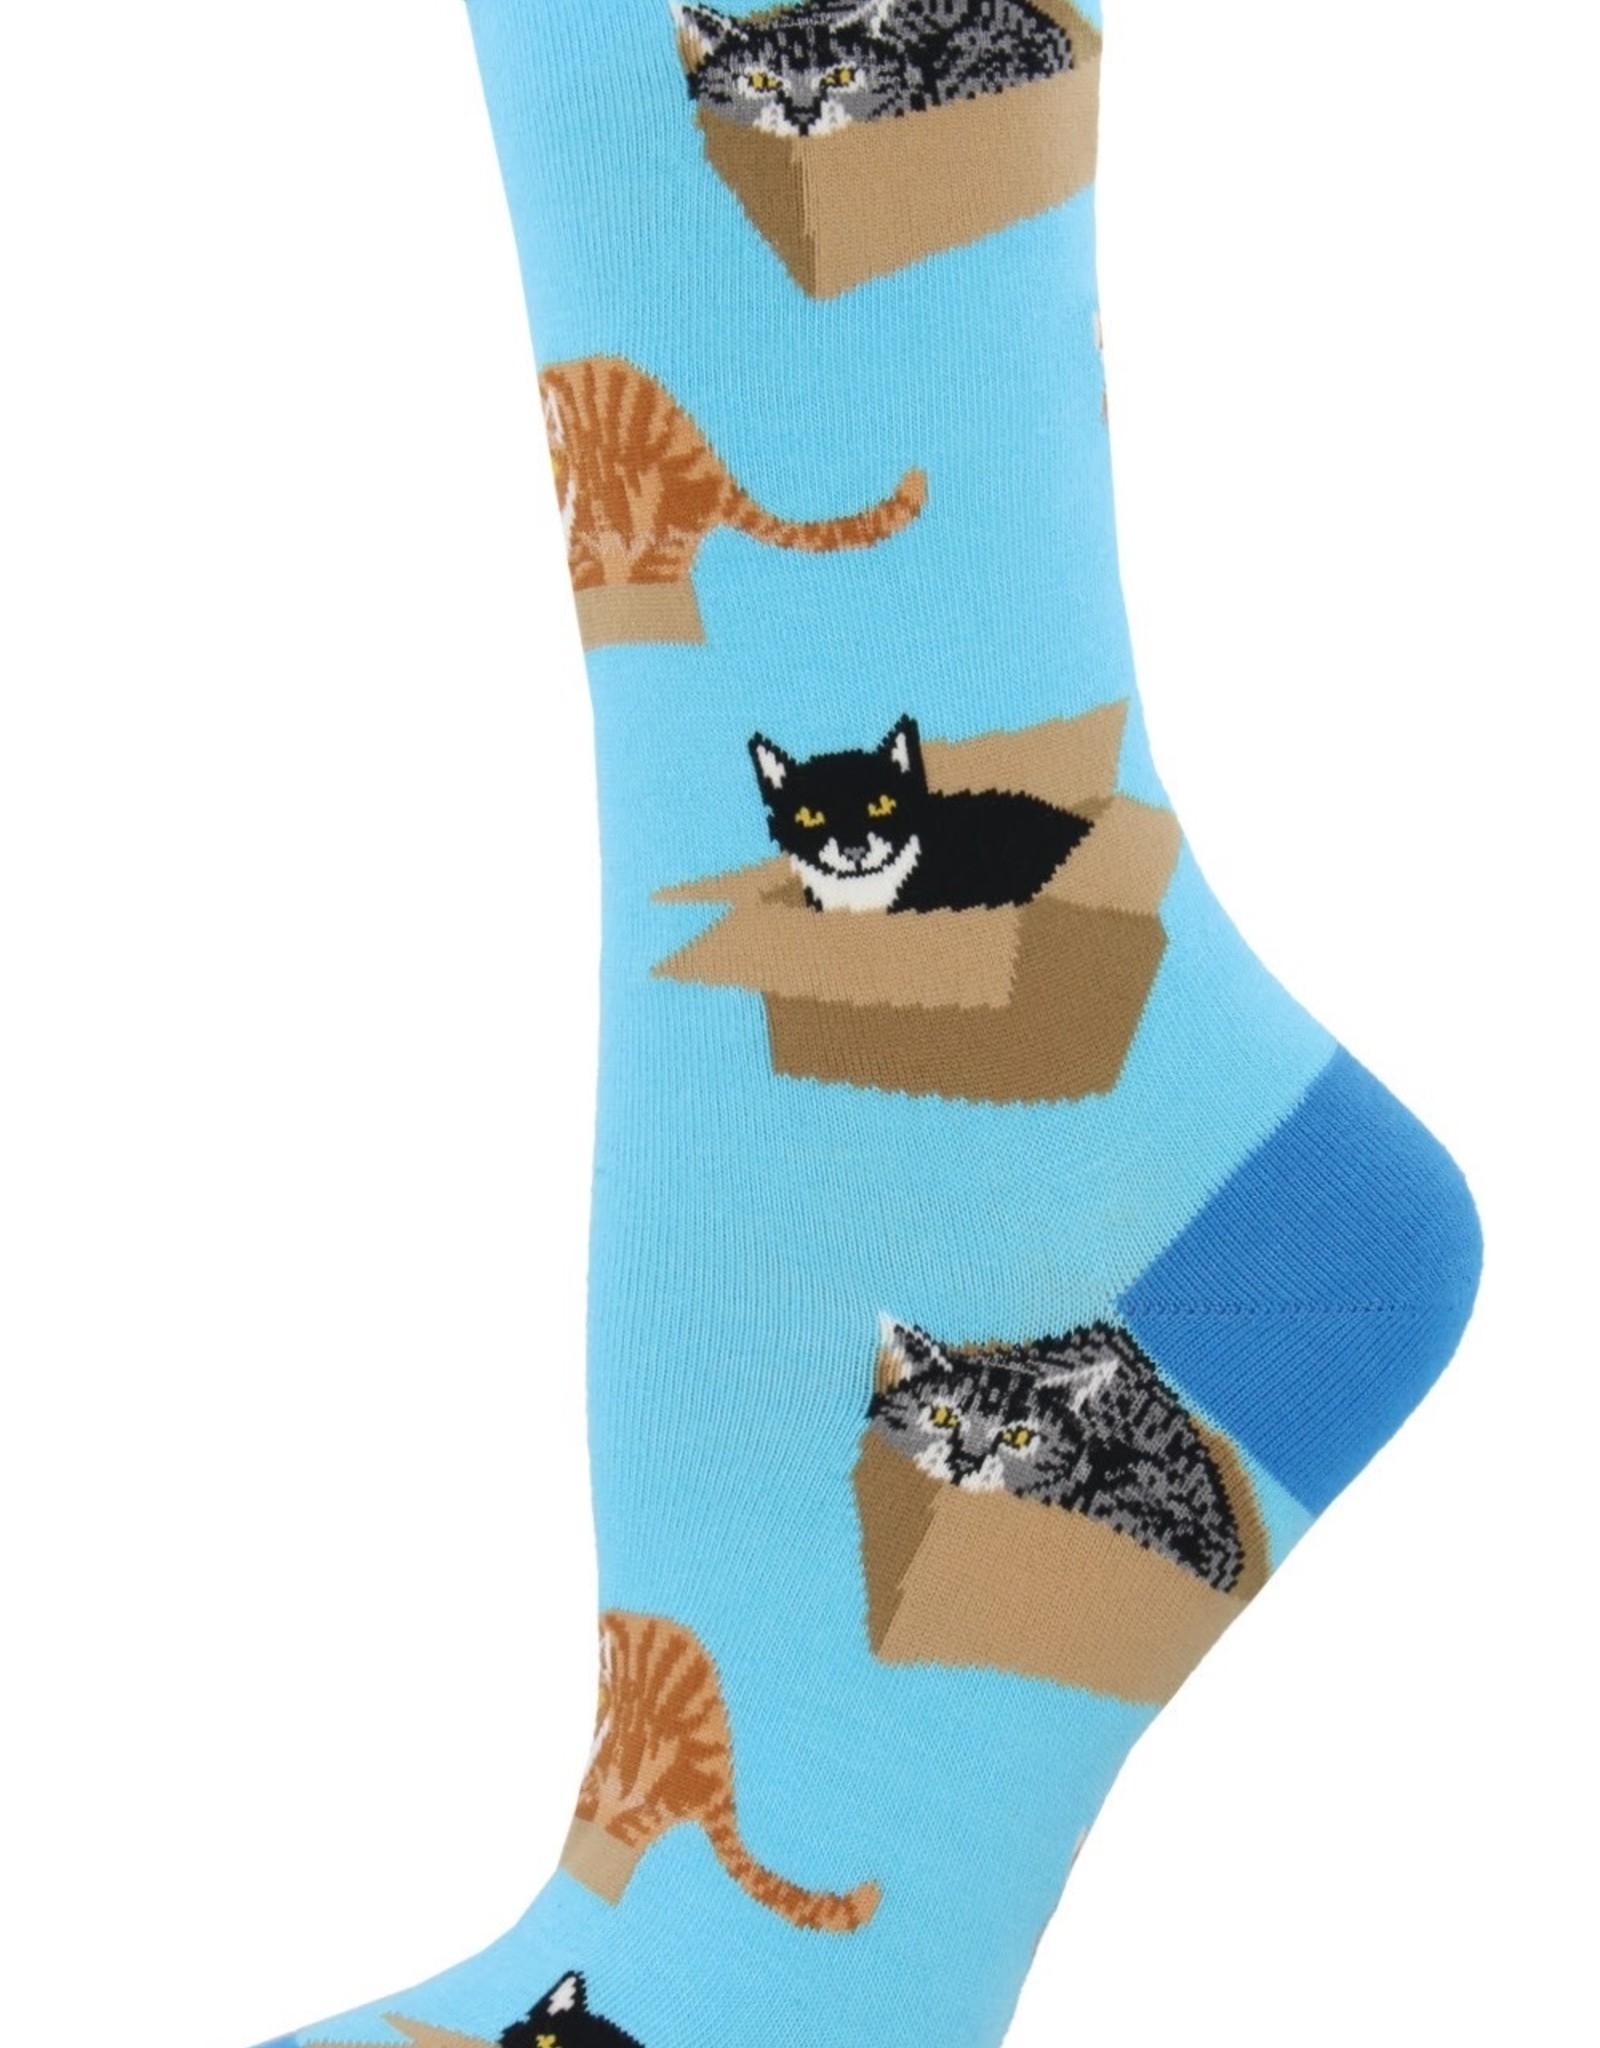 Sock Smith Cat in a Box azure socks